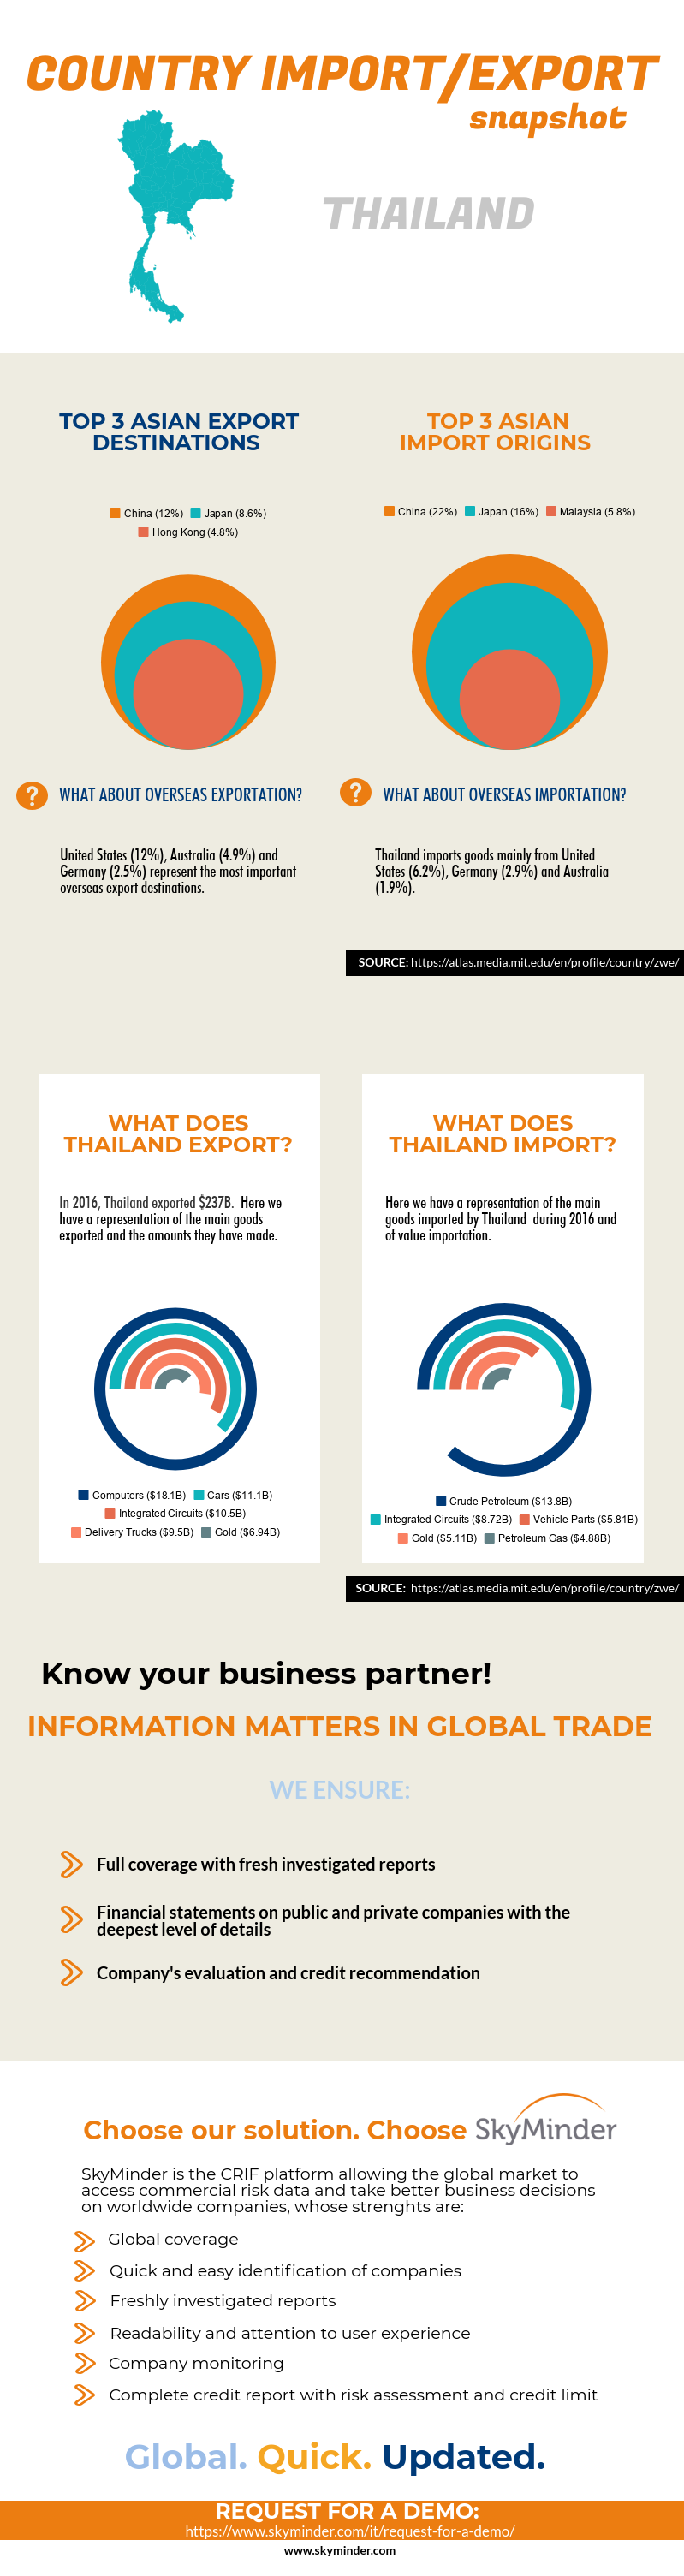 Thai Import/Export